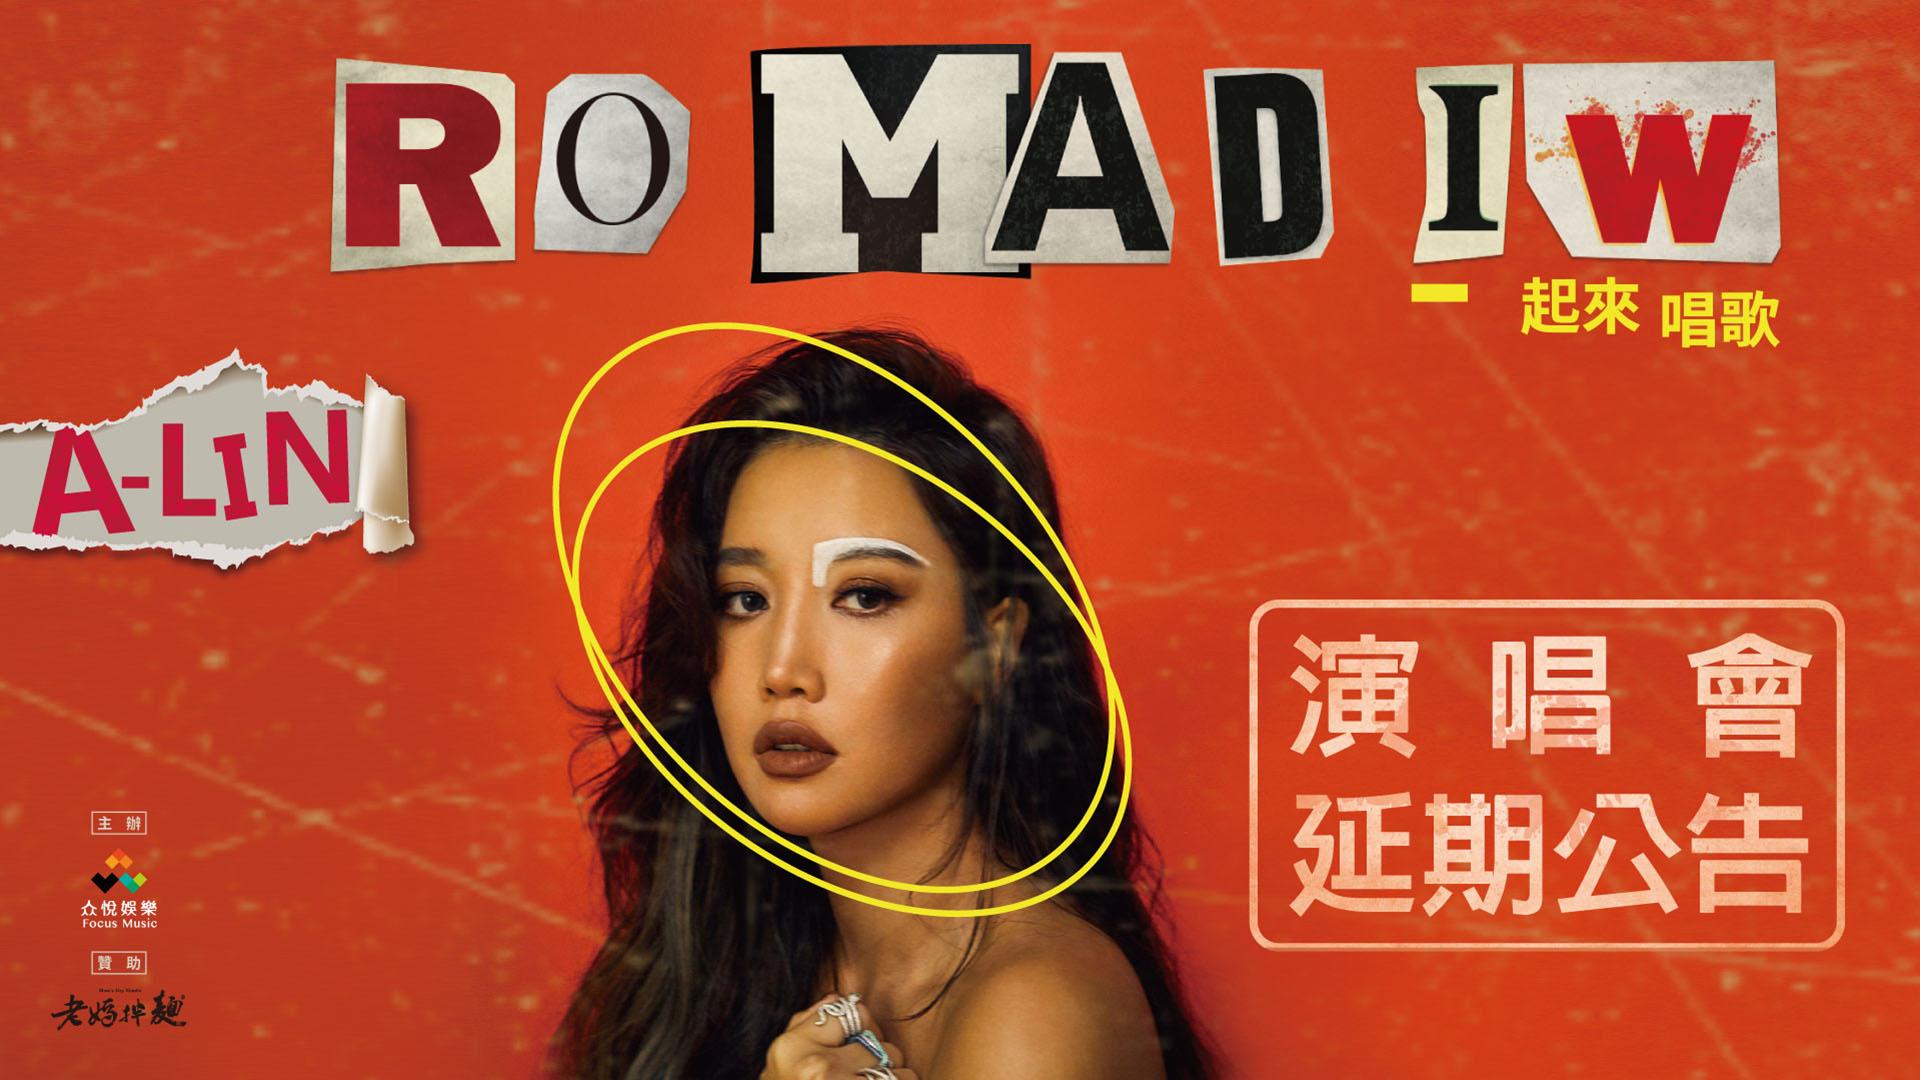 (延期)A-Lin『Romadiw』一起來唱歌